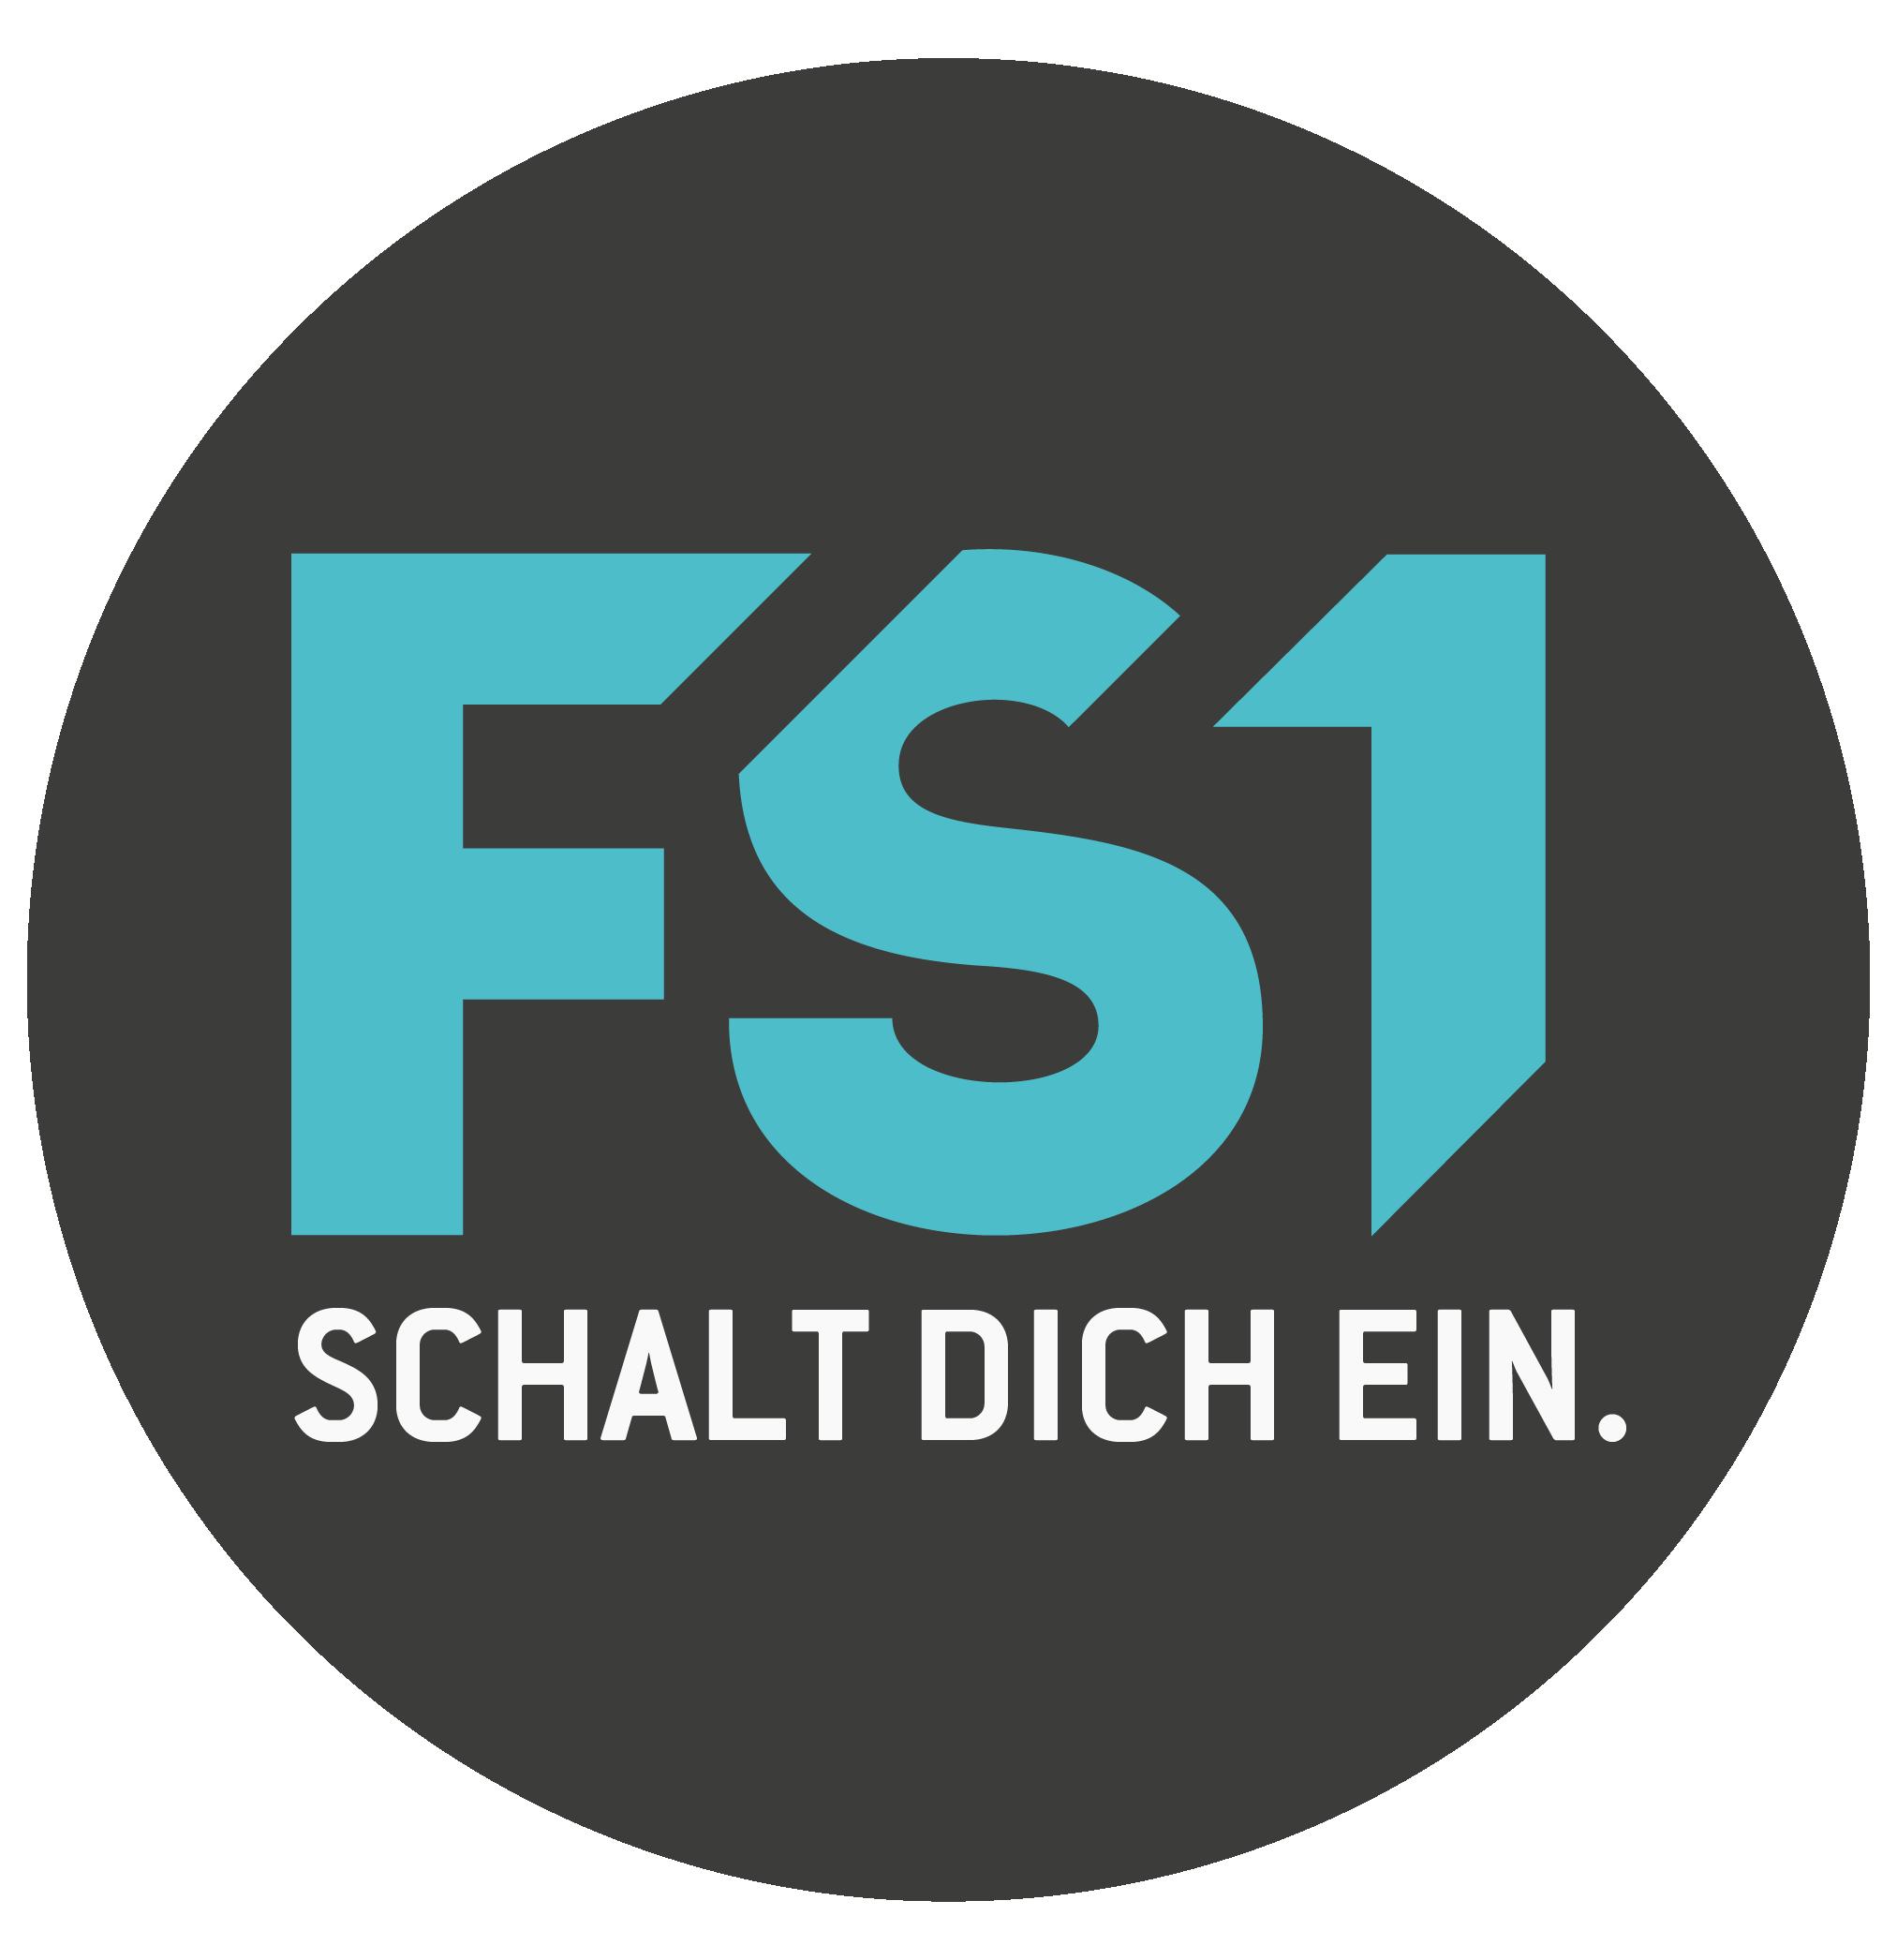 Profile FS1 HD Tv Channels